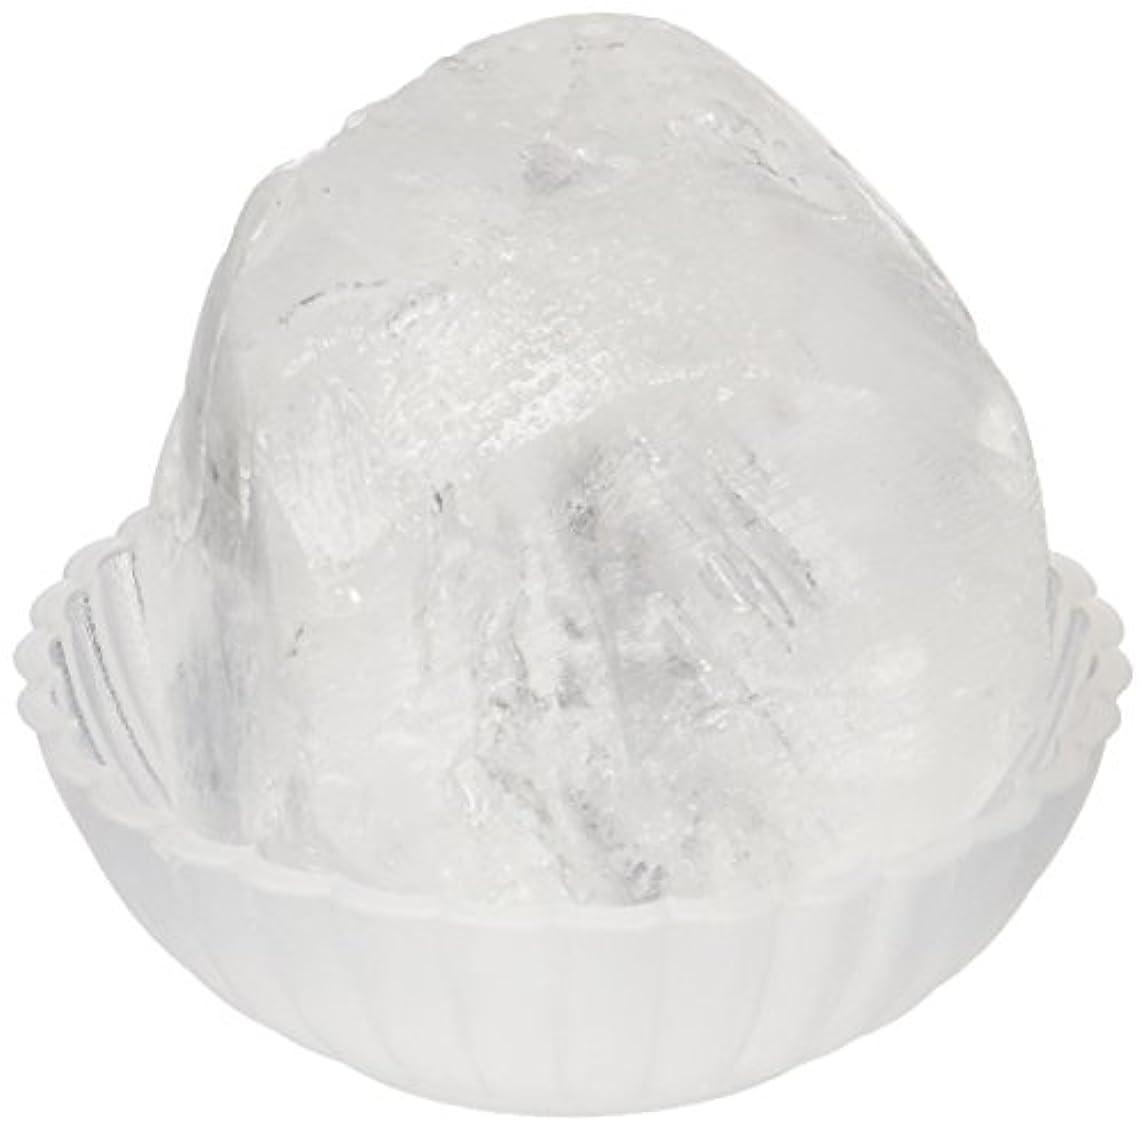 スチュアート島つづりボイラークリスタルボディデオドラント ボール タイプ お得サイズ140g - アルム石(みょうばん)のデオドラント